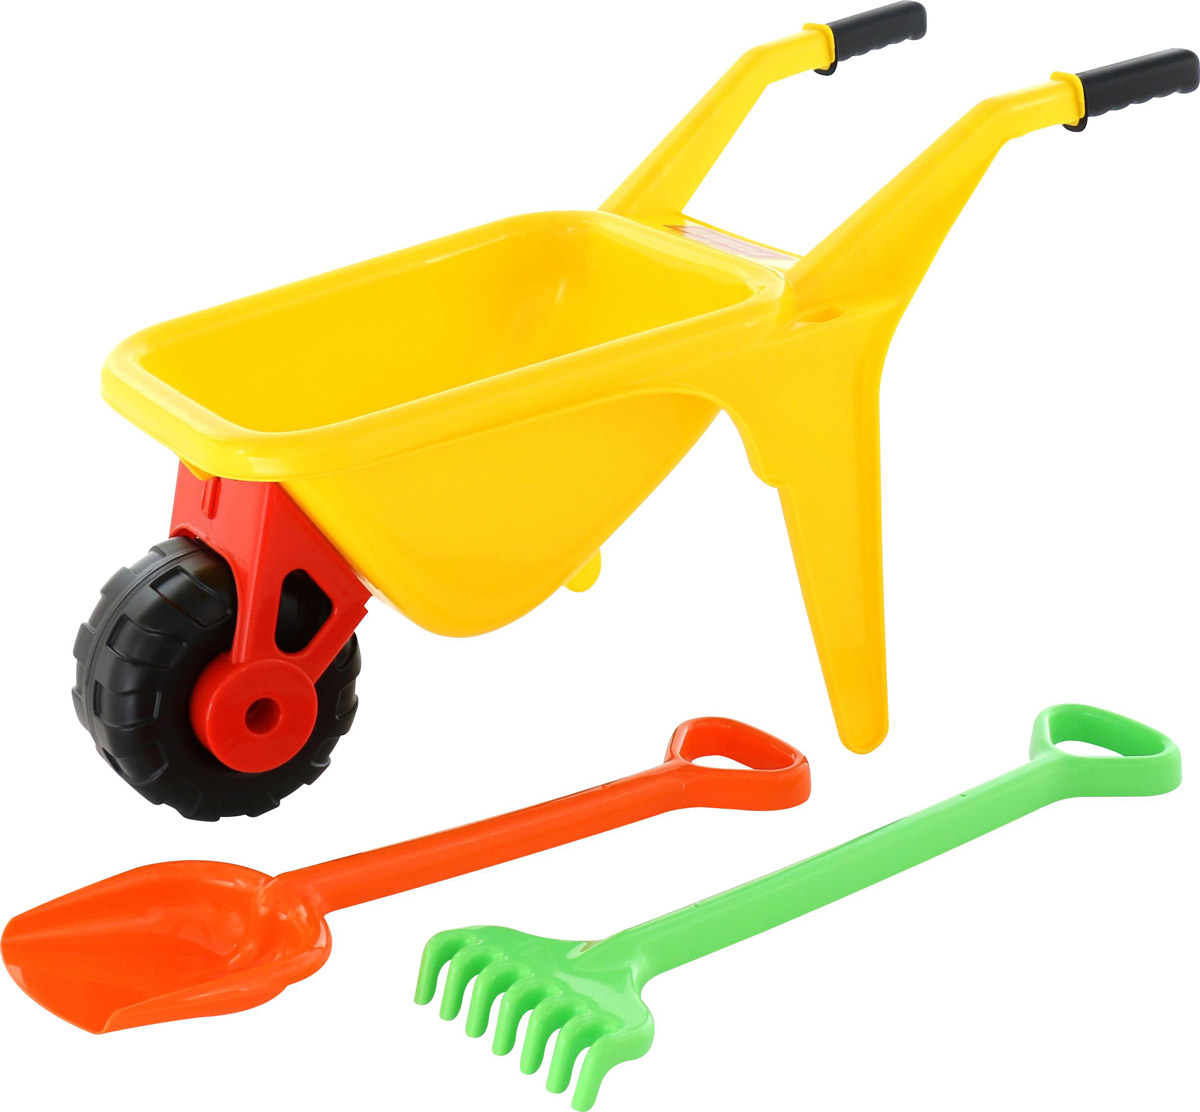 Полесье Набор игрушек для песочницы Тачка Садовод с лопатой и граблями цвет желтый marvel набор игрушек для песочницы софия прекрасная 1